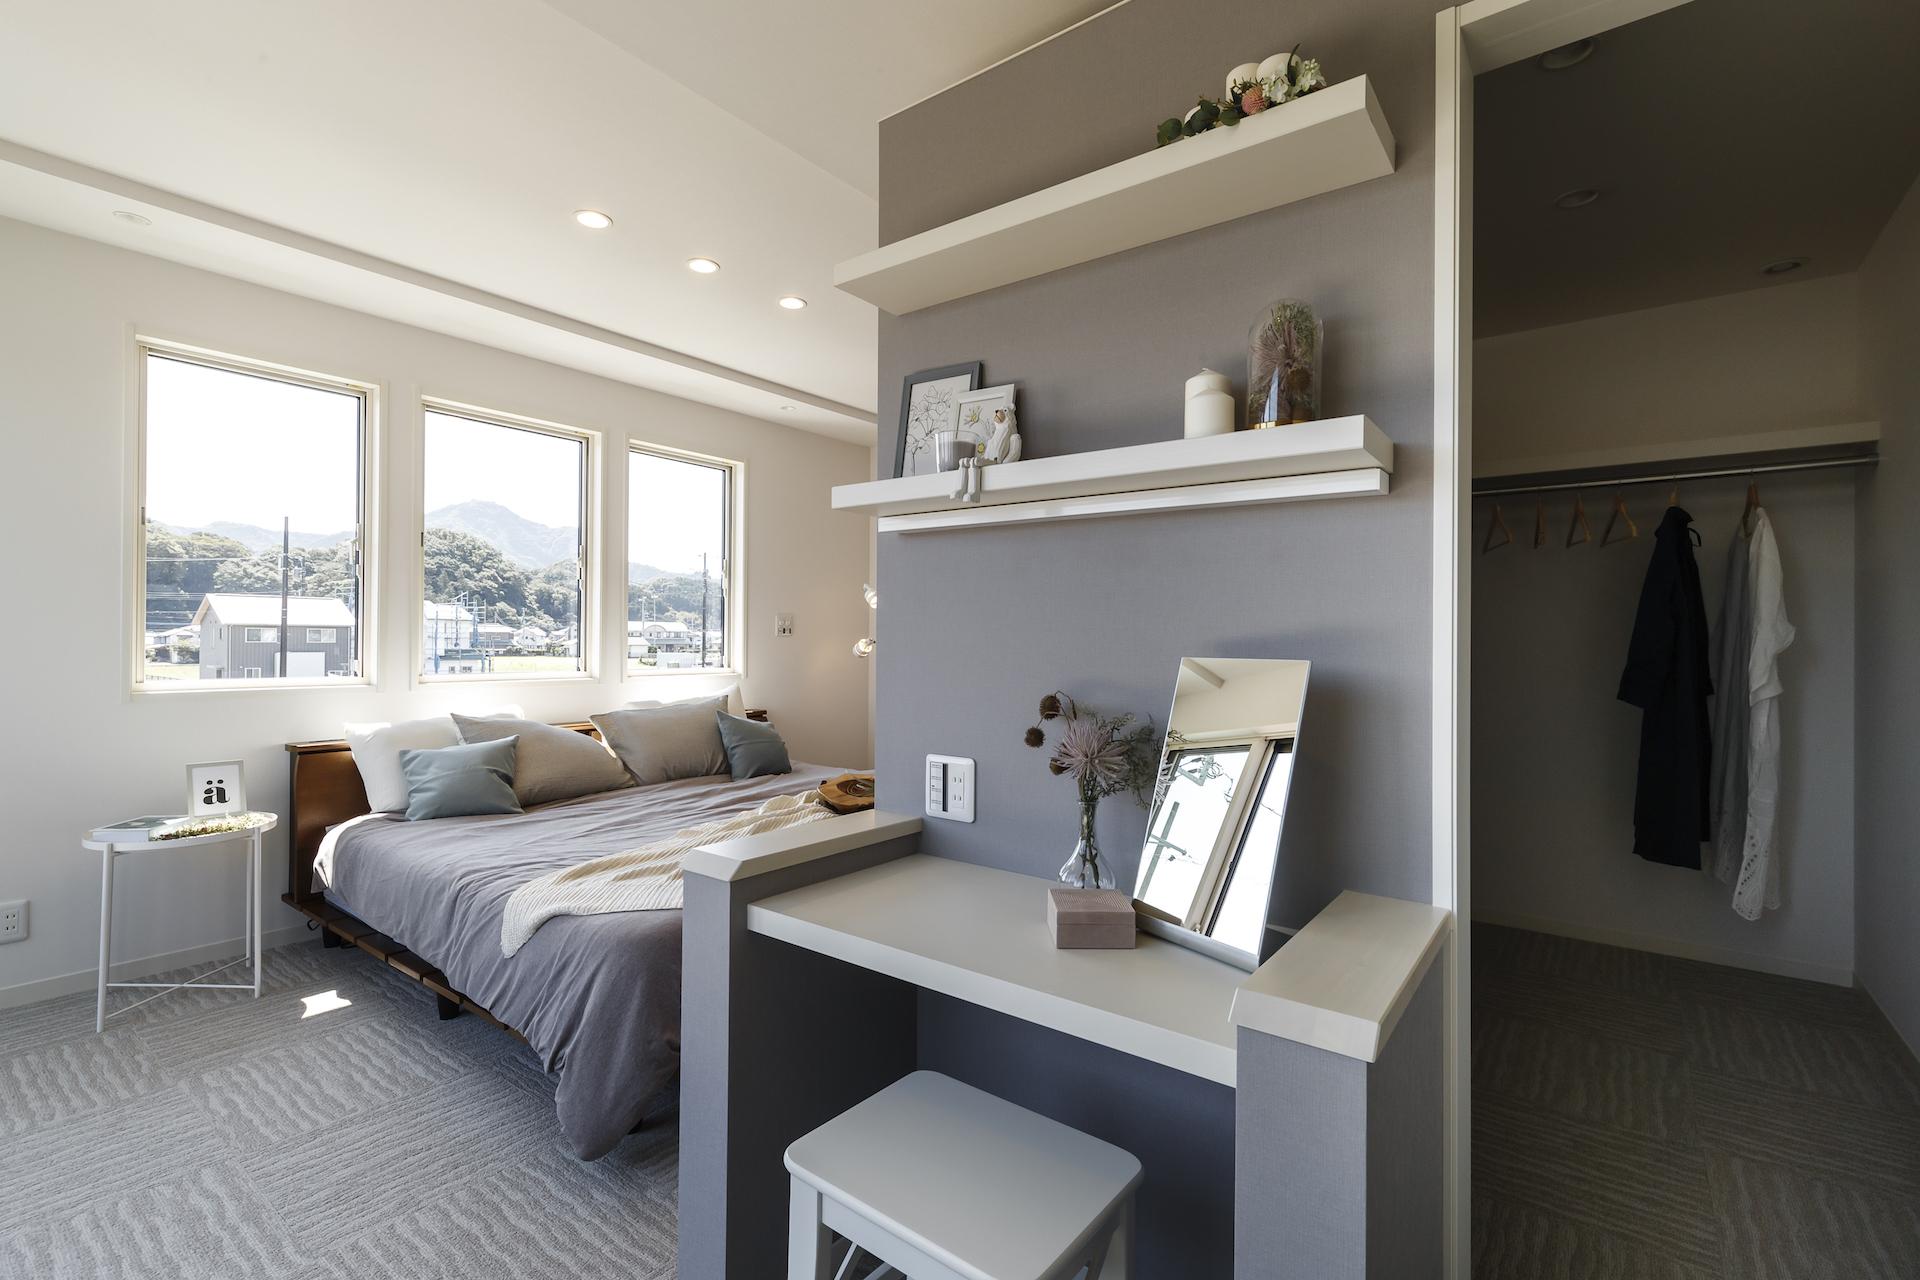 ミサワホーム静岡【デザイン住宅、収納力、インテリア】グレーのアクセントクロスが印象的な寝室。1階とは少し趣味を変えて、優しい印象のお部屋に仕上げた。床面には足音を抑えられるカーペットを採用。保温効果も期待できるので、眠る前に足元が冷えずに快適